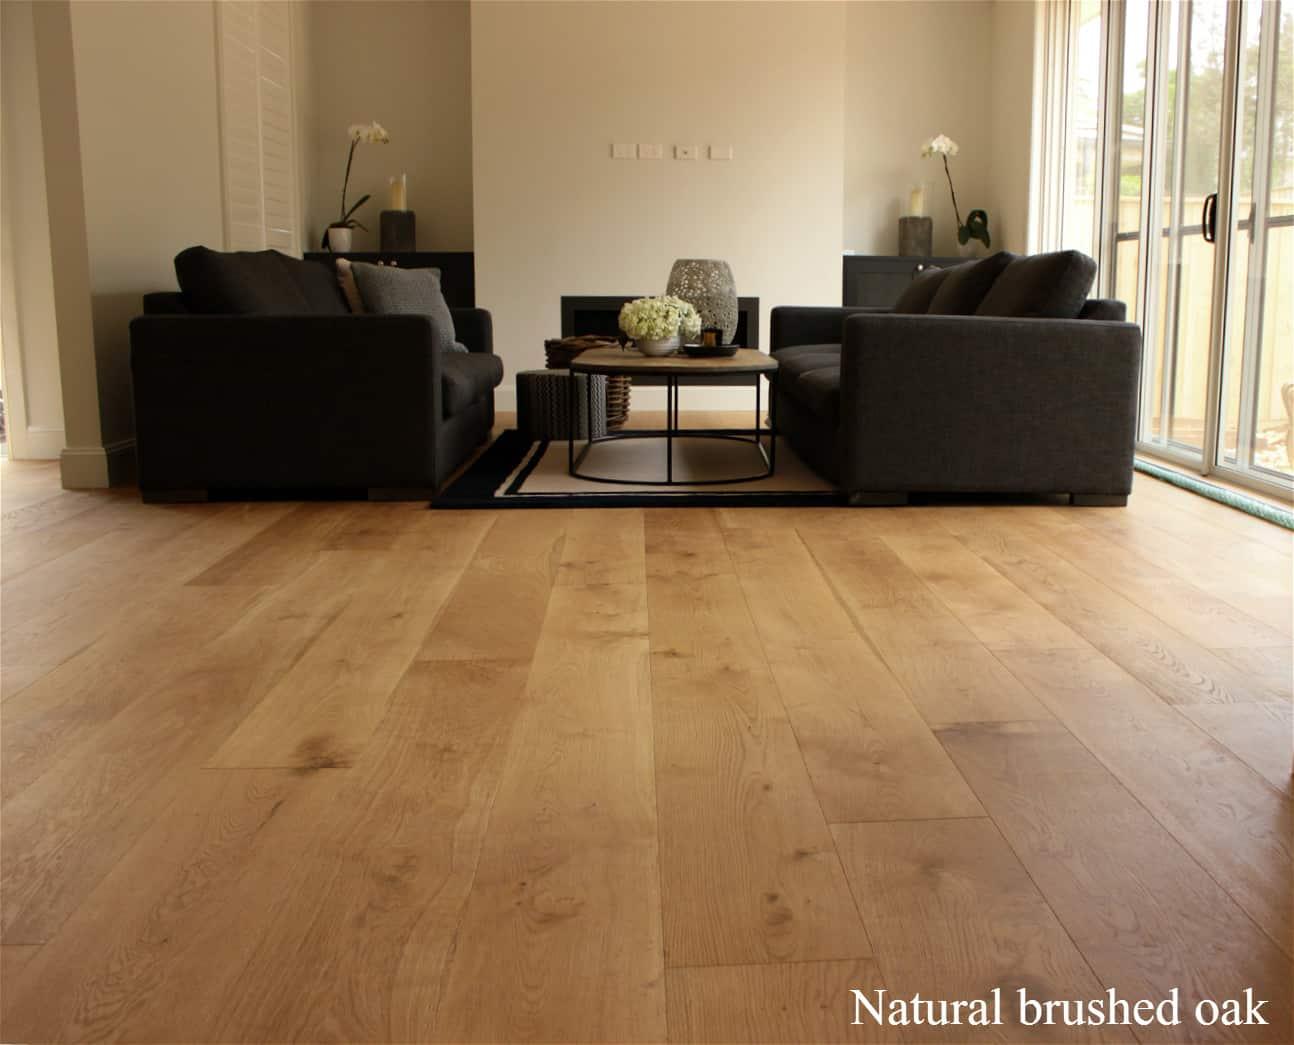 Natural brushed oak